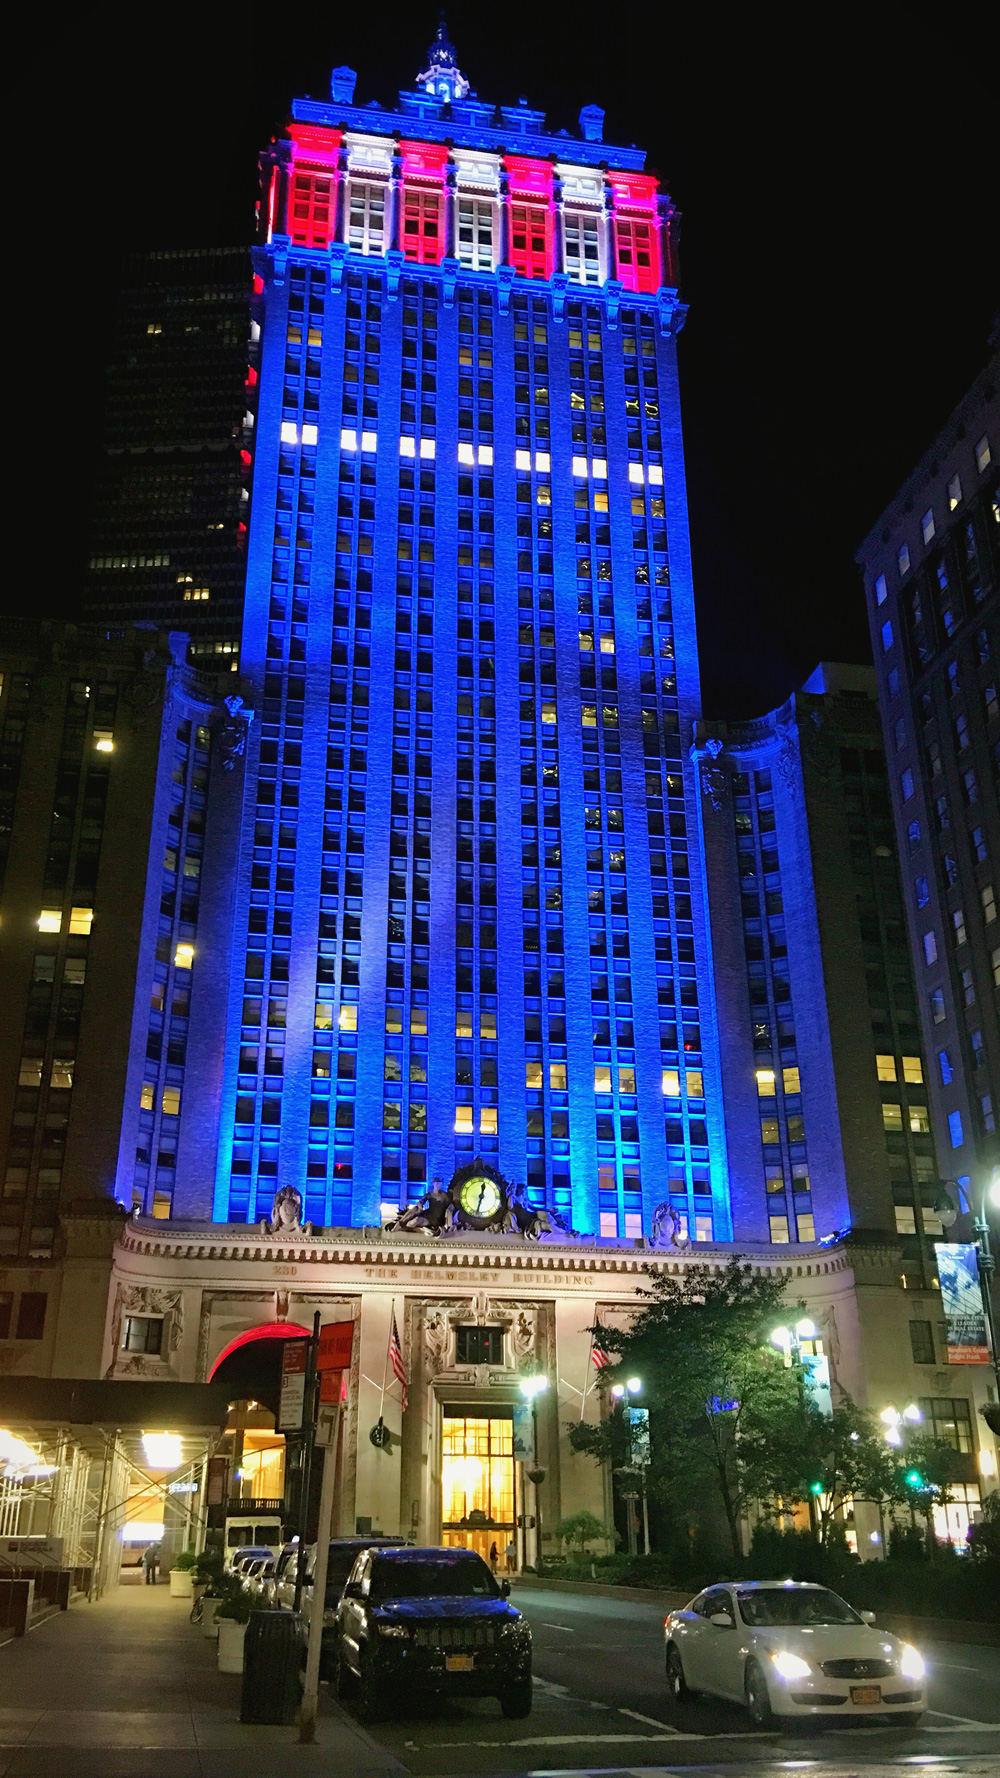 偶遇一栋以美国国旗灯光装饰的大楼